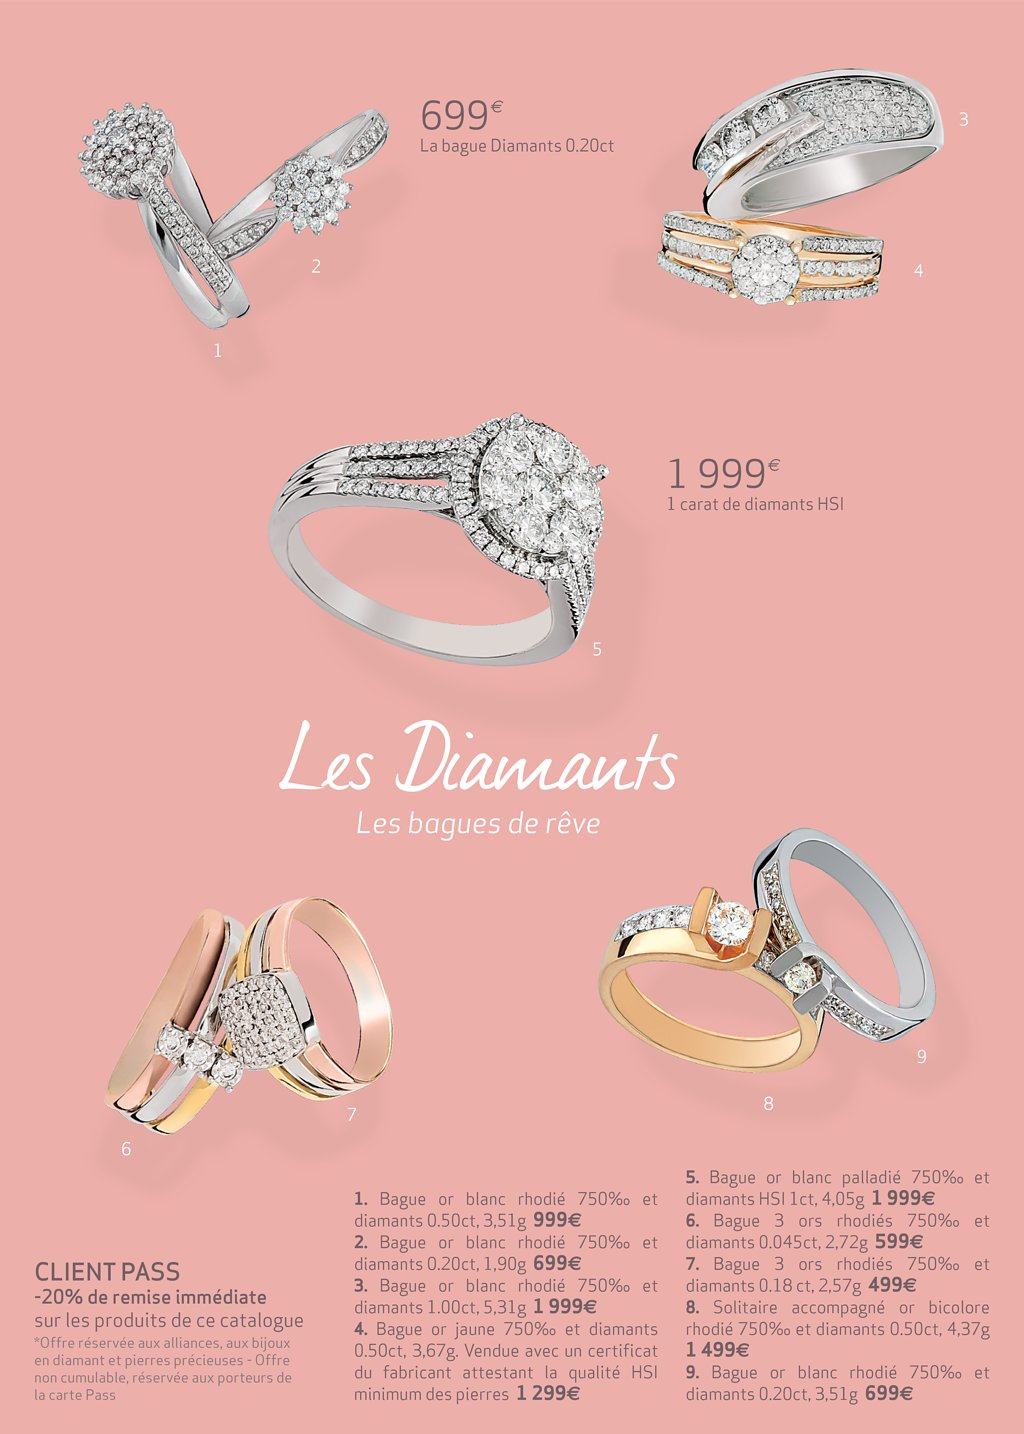 bague solitaire diamant carrefour